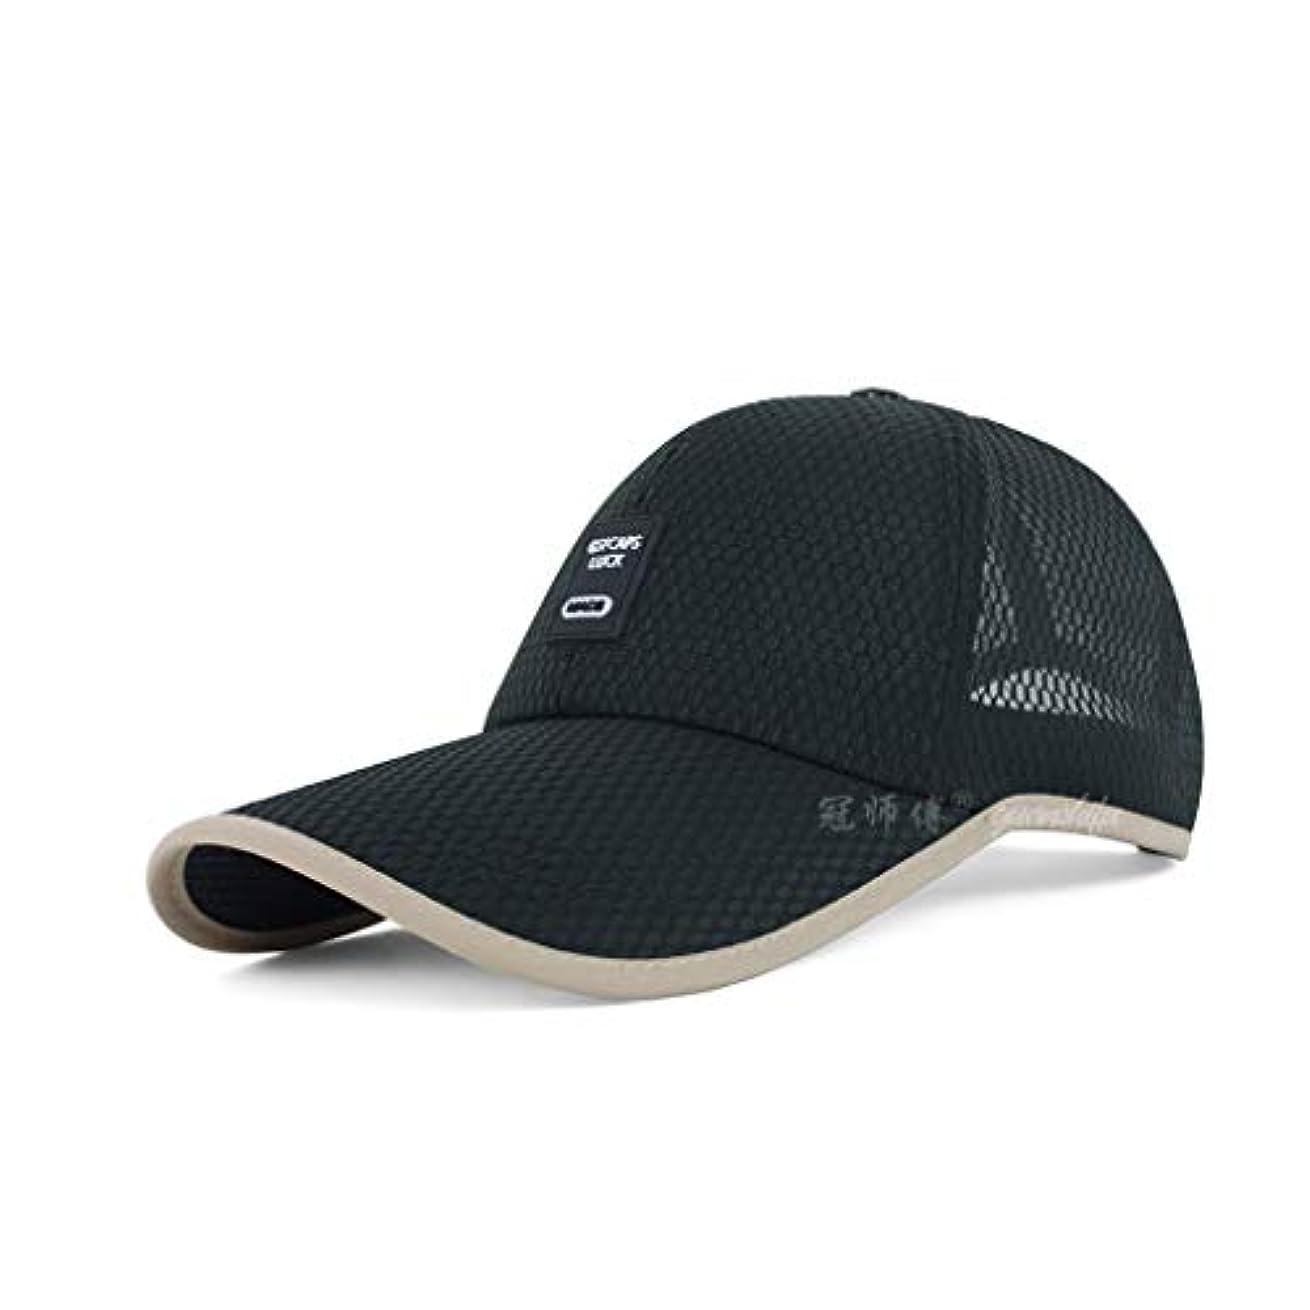 モザイク繁栄するメキシコメンズハットサマーメッシュ野球帽韓国の日焼け止め日焼け止め屋外 クールな帽子帽子潮 (Color : A)